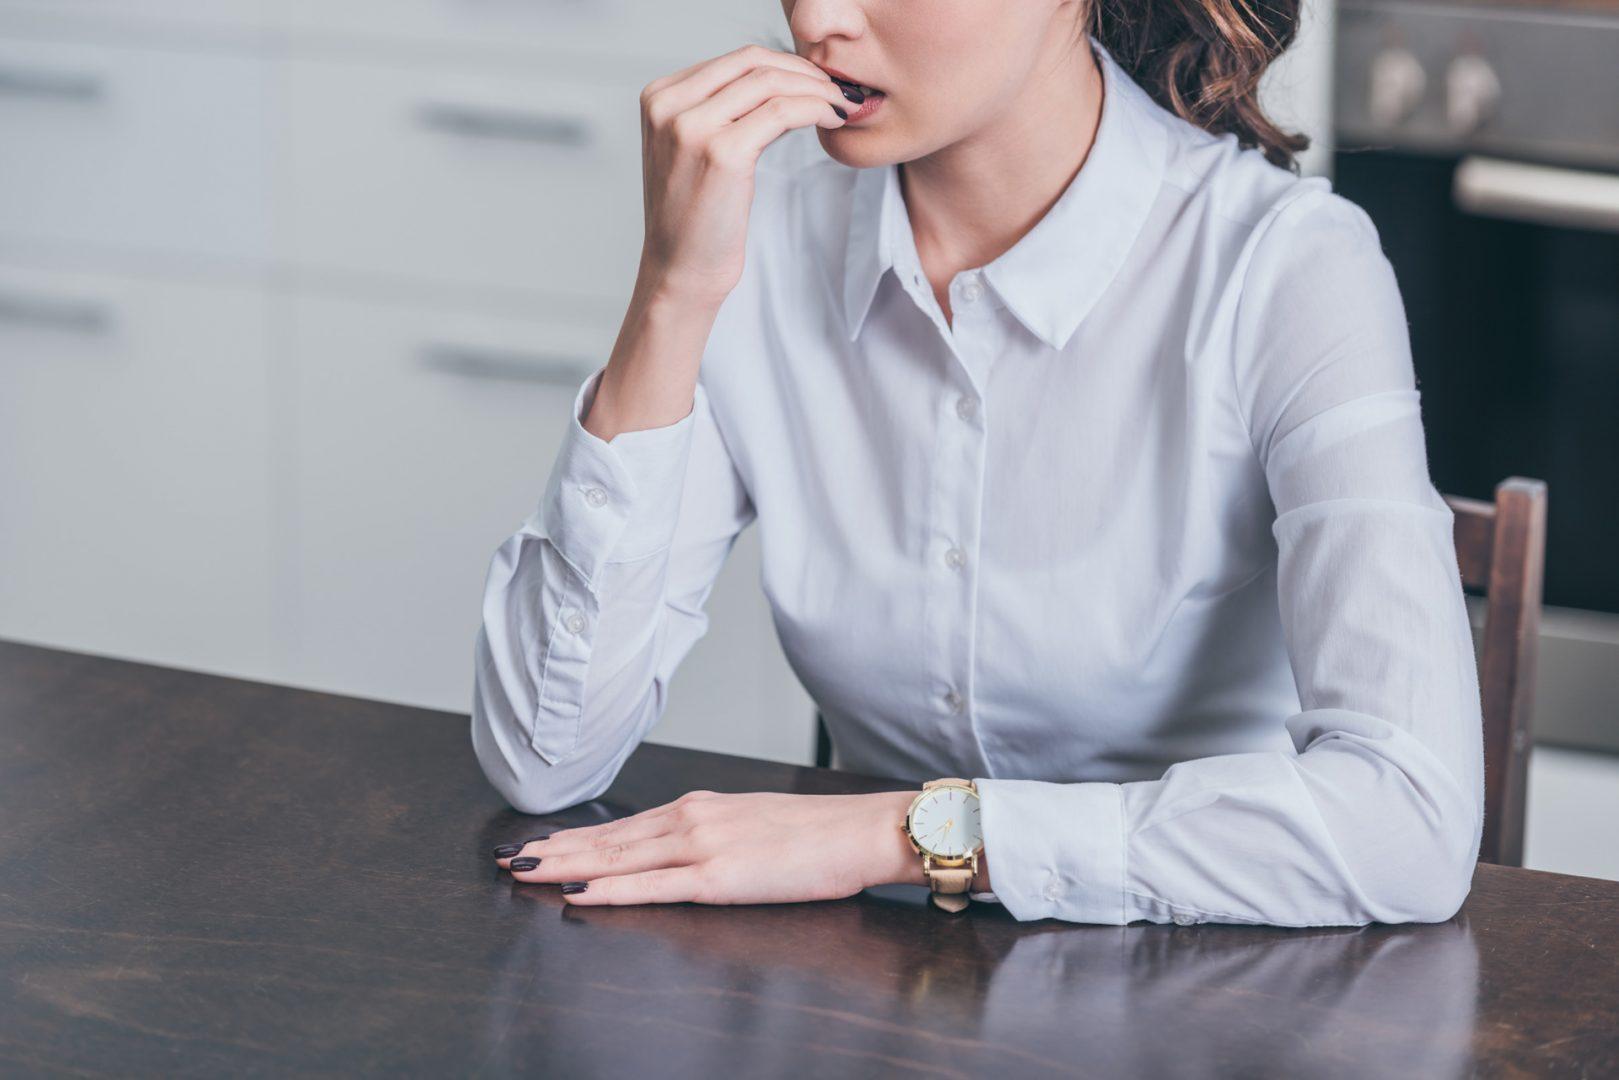 Blutungen nach einer künstlichen Befruchtung? Das muss nicht das Schlimmste bedeuten